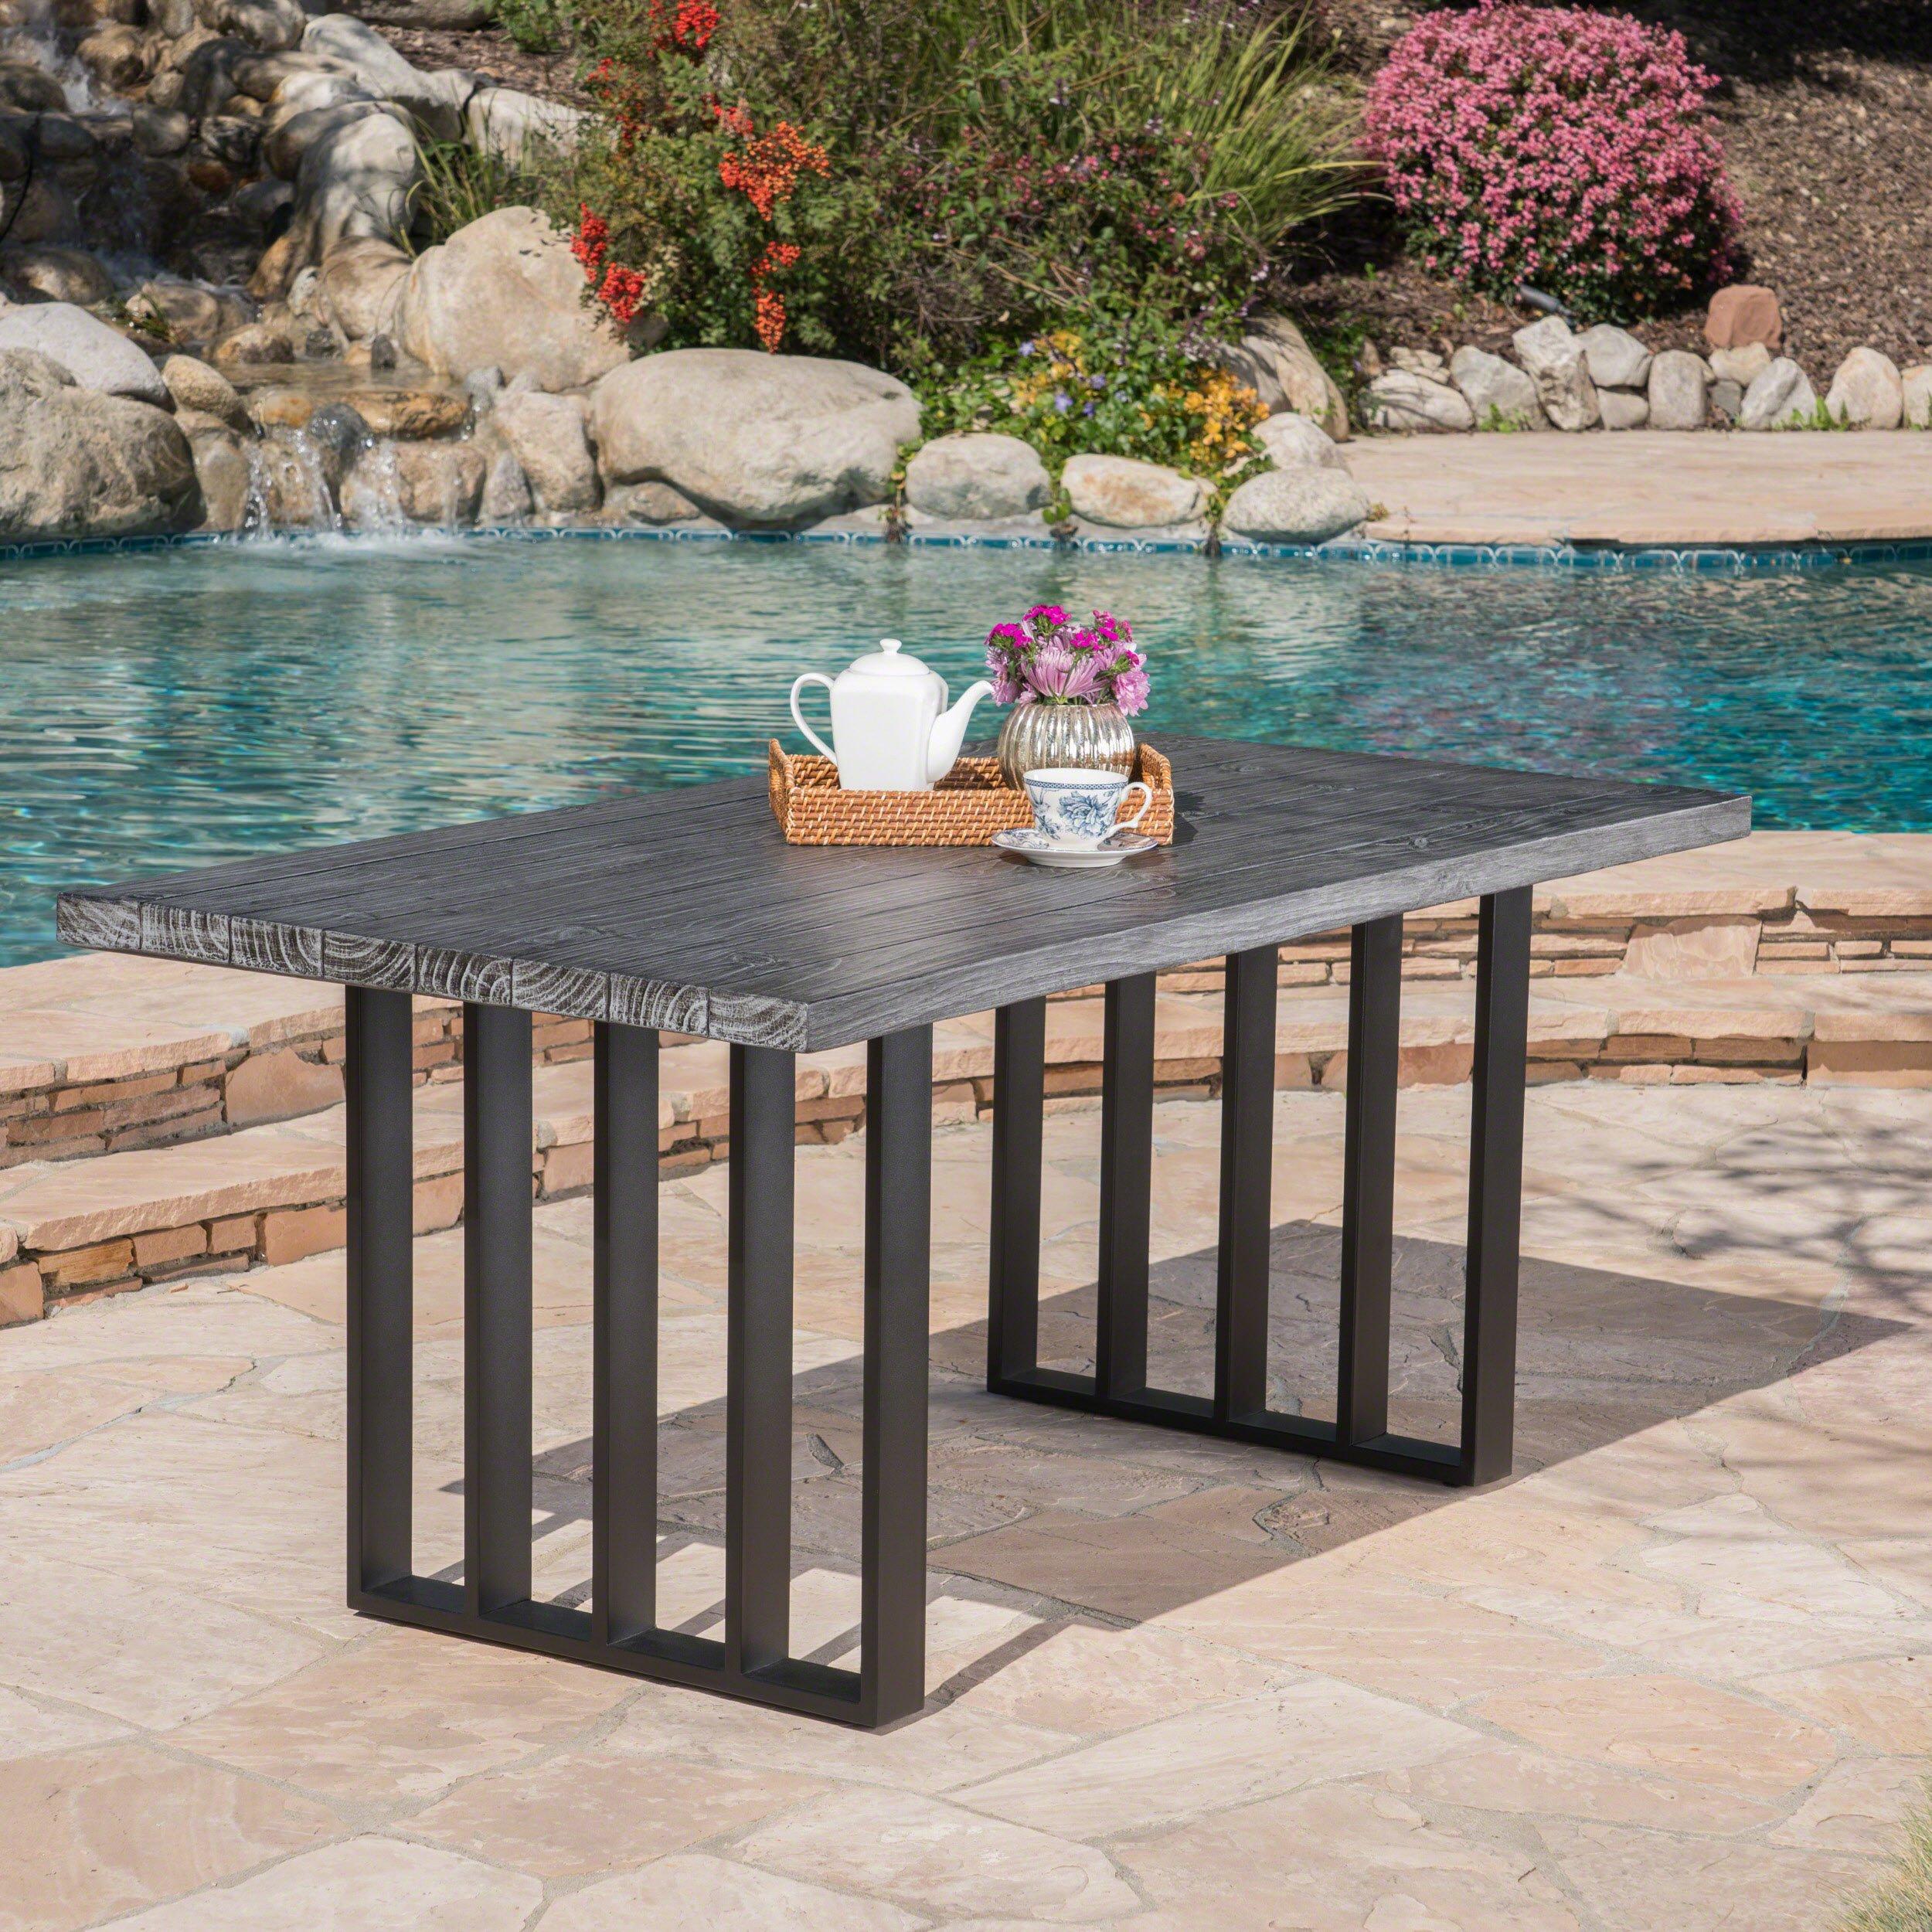 concrete patio table amazon com rh amazon com concrete patio table top diy concrete patio table plans